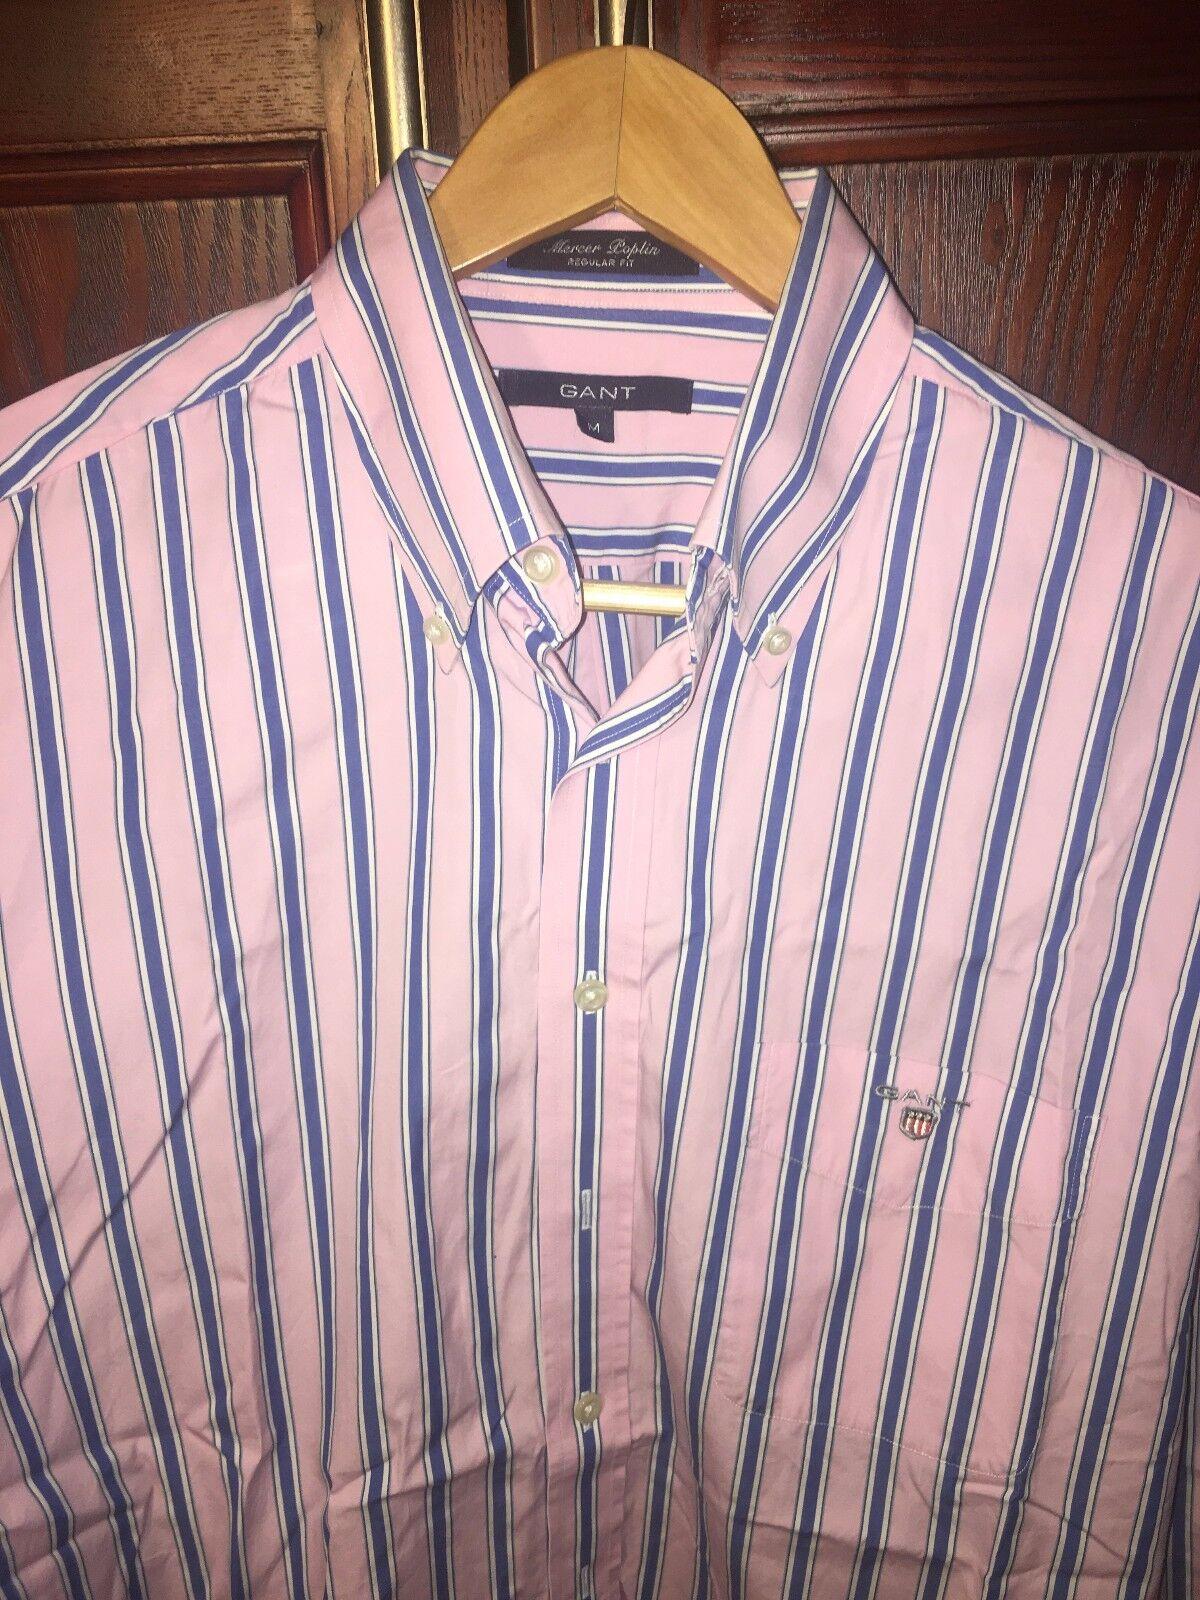 Uomo GANT Camicia A Righe rosa, Medium in ottime condizioni